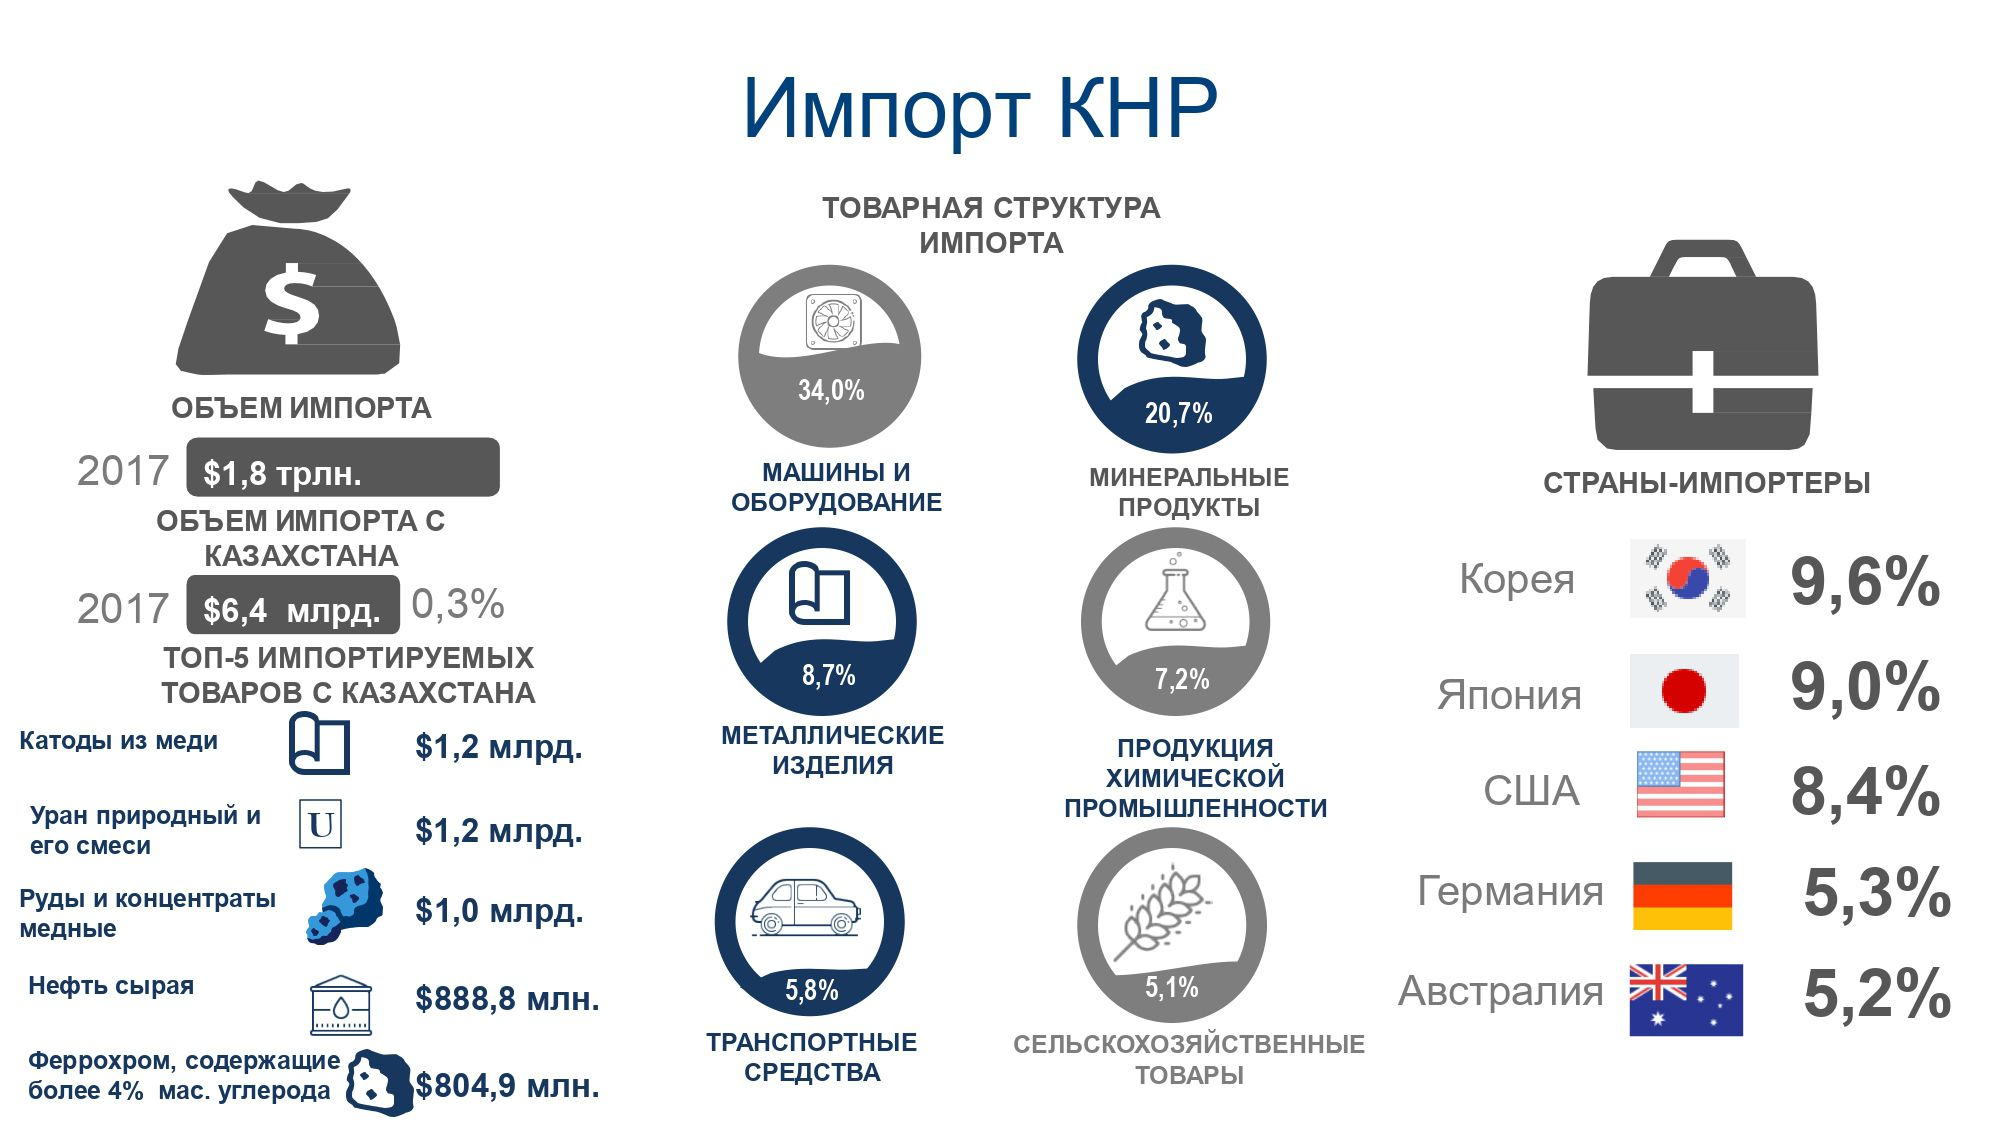 Остались ли в Алматы пустующие ниши для бизнеса? 173130 - Kapital.kz